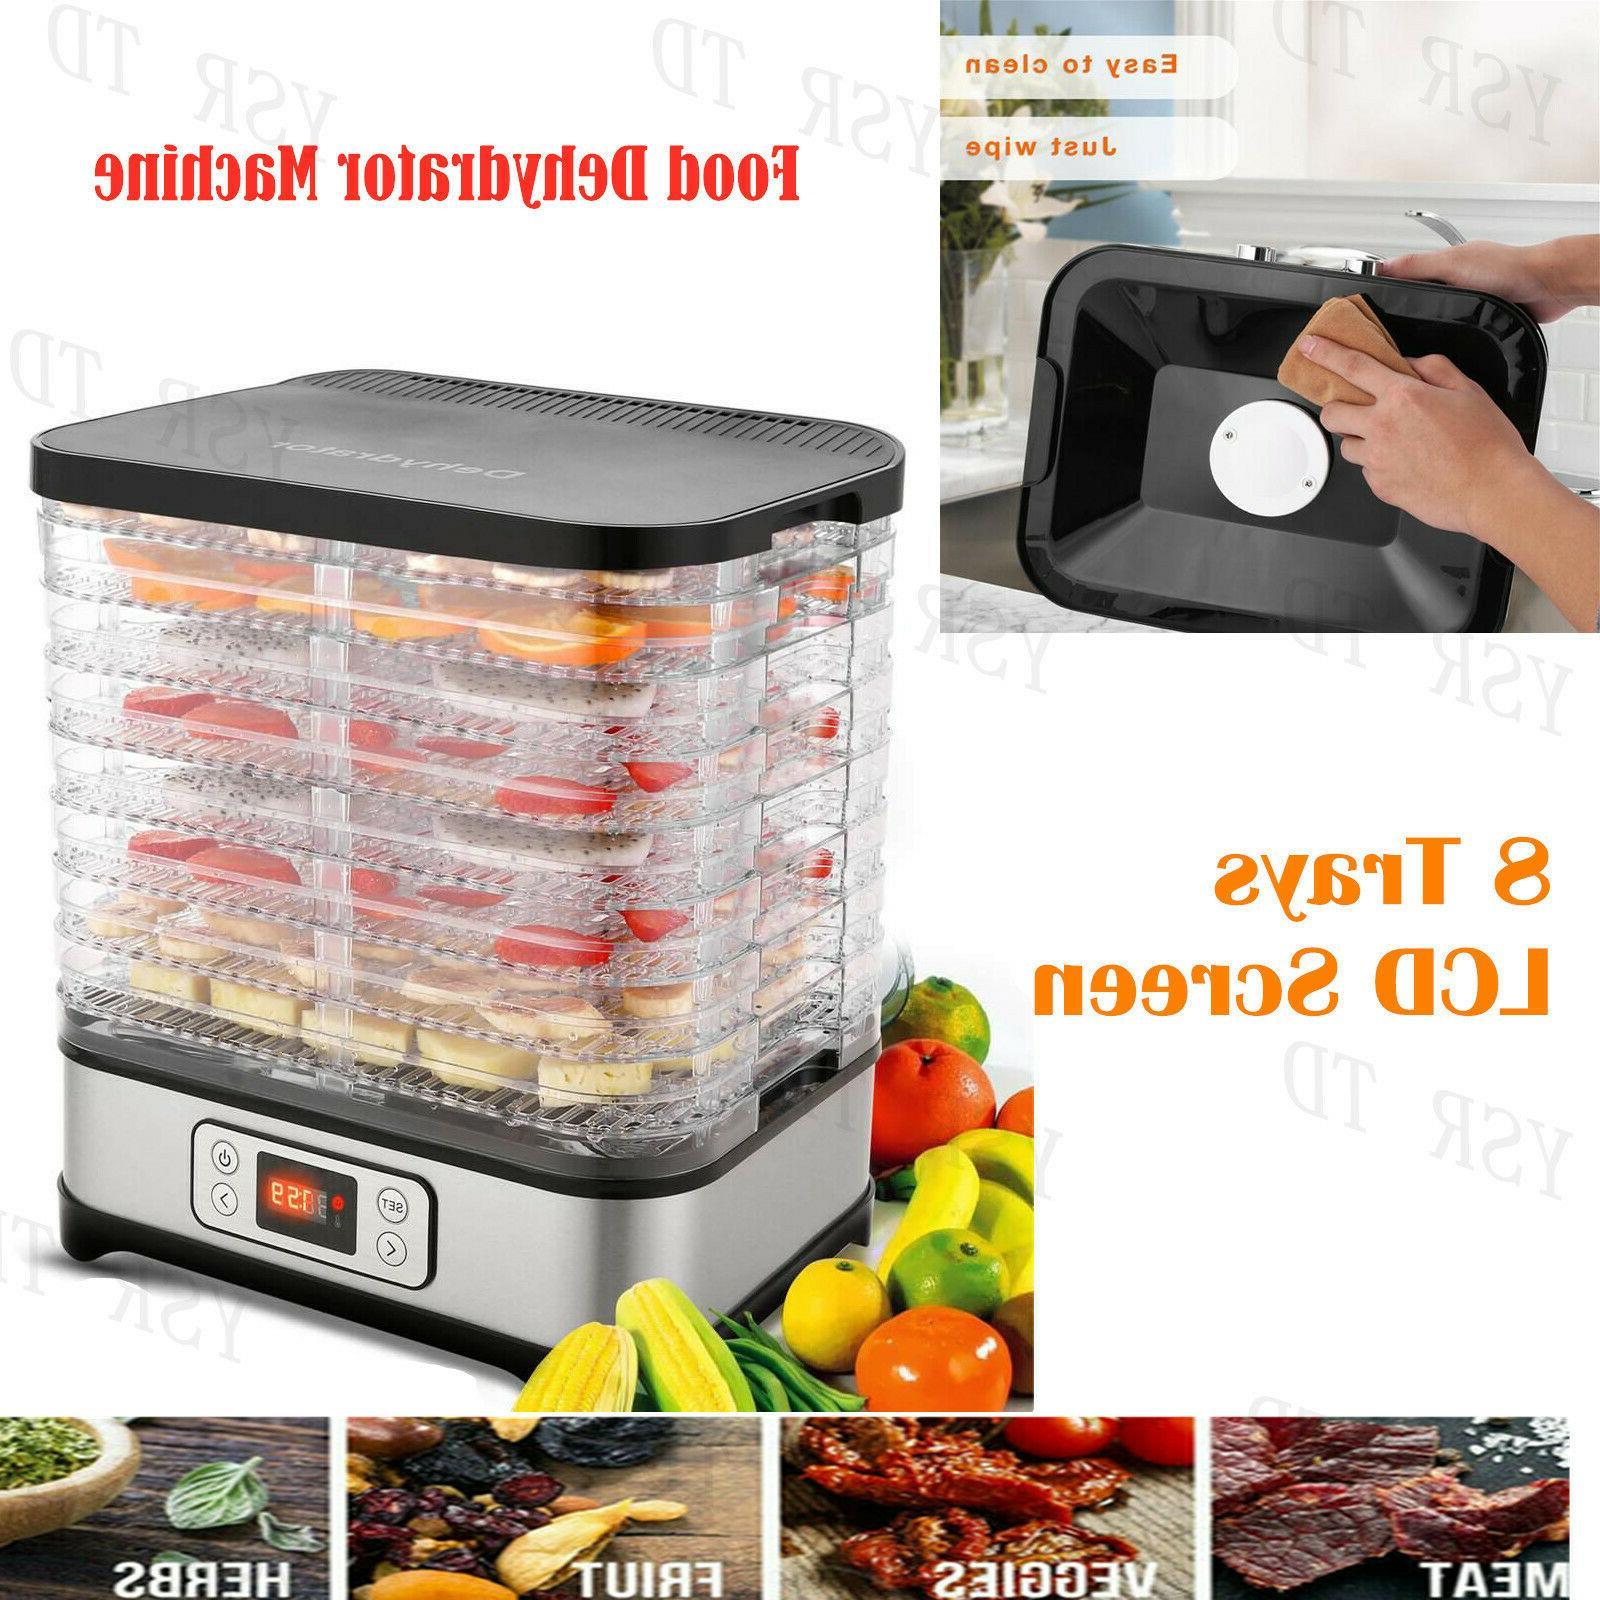 HOMDOX Food Dehydrator Tier Steel Jerky Meat